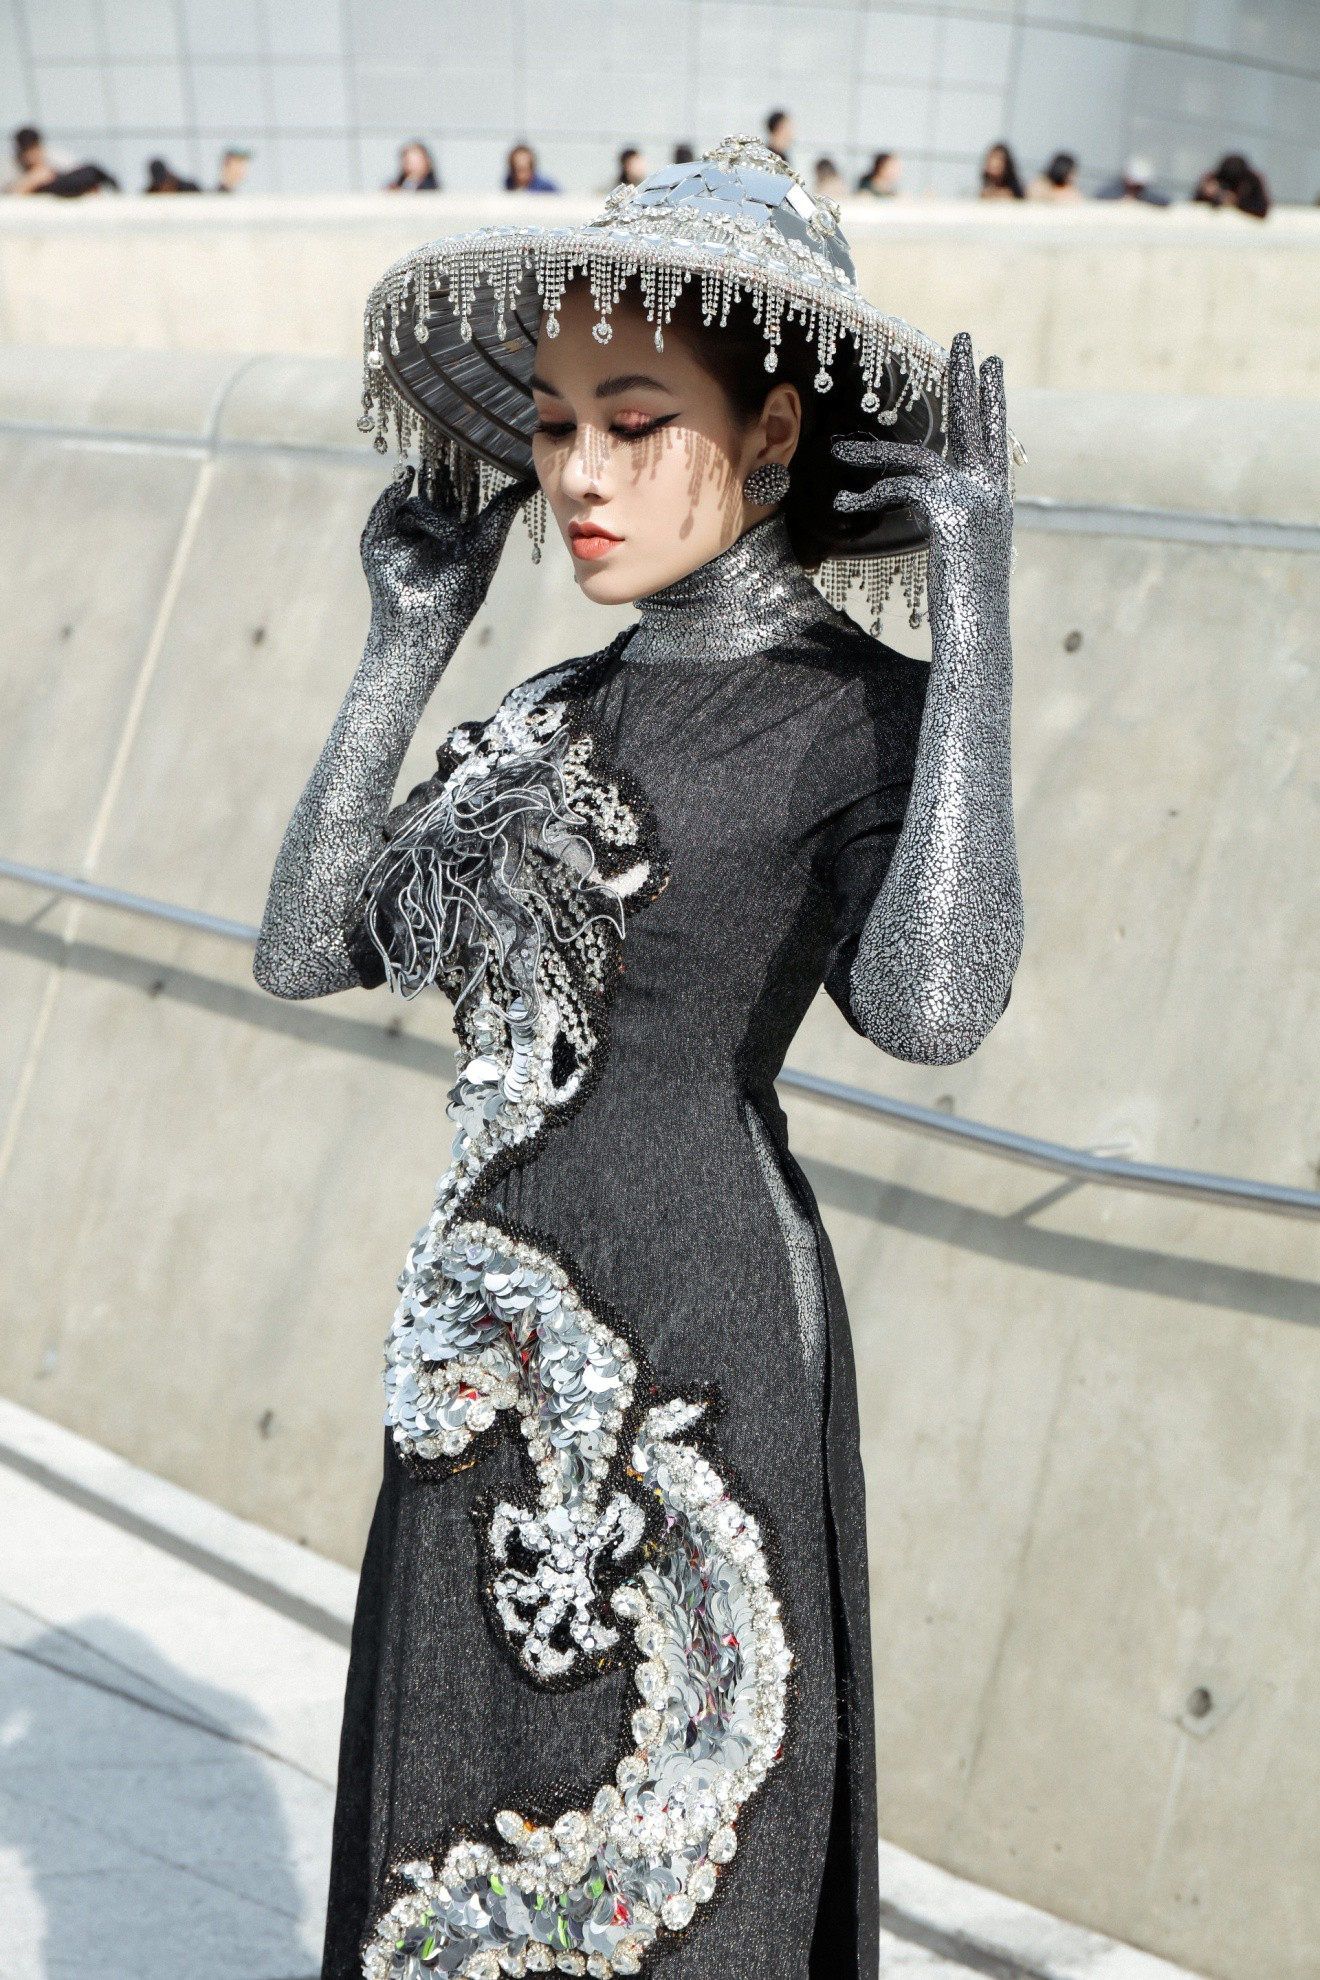 Giới mộ điệu ngỡ ngàng khi Hoa hậu Áo dài Tuyết Nga đem áo dài đính rồng kim loại đến Seoul Fashion Week 2019 - Ảnh 5.